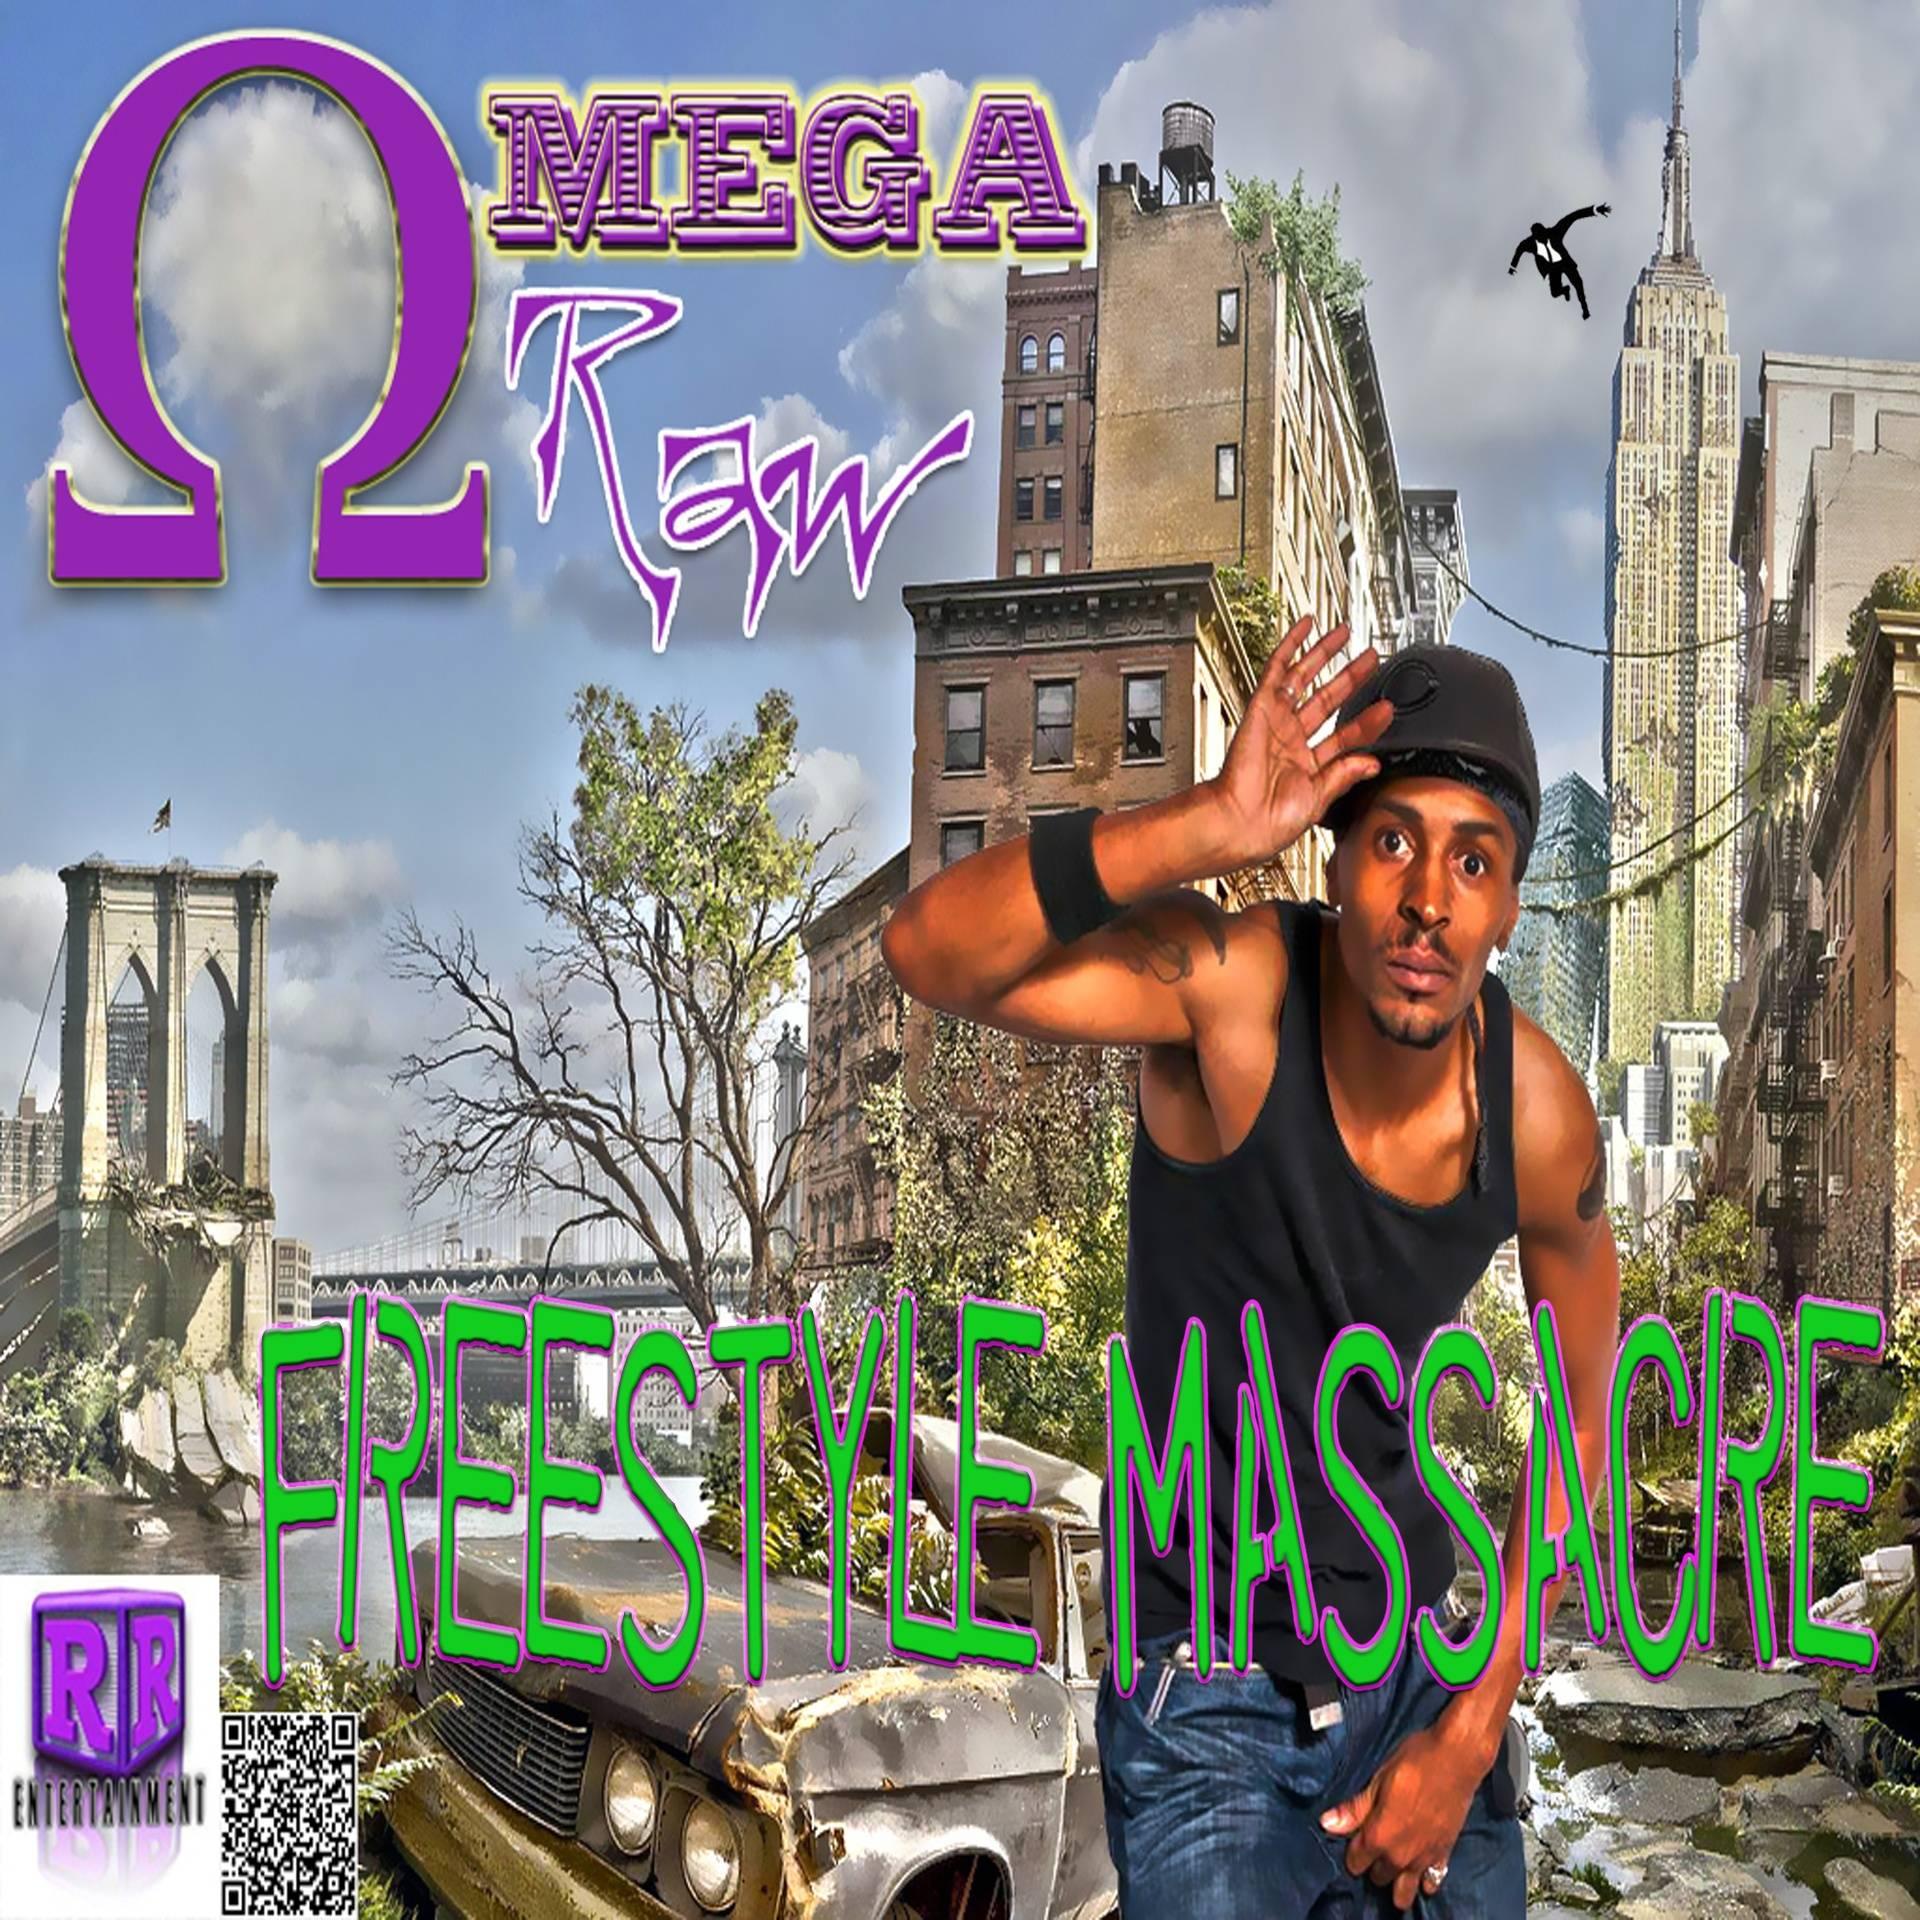 Omega Raw-Freestyle Massacre